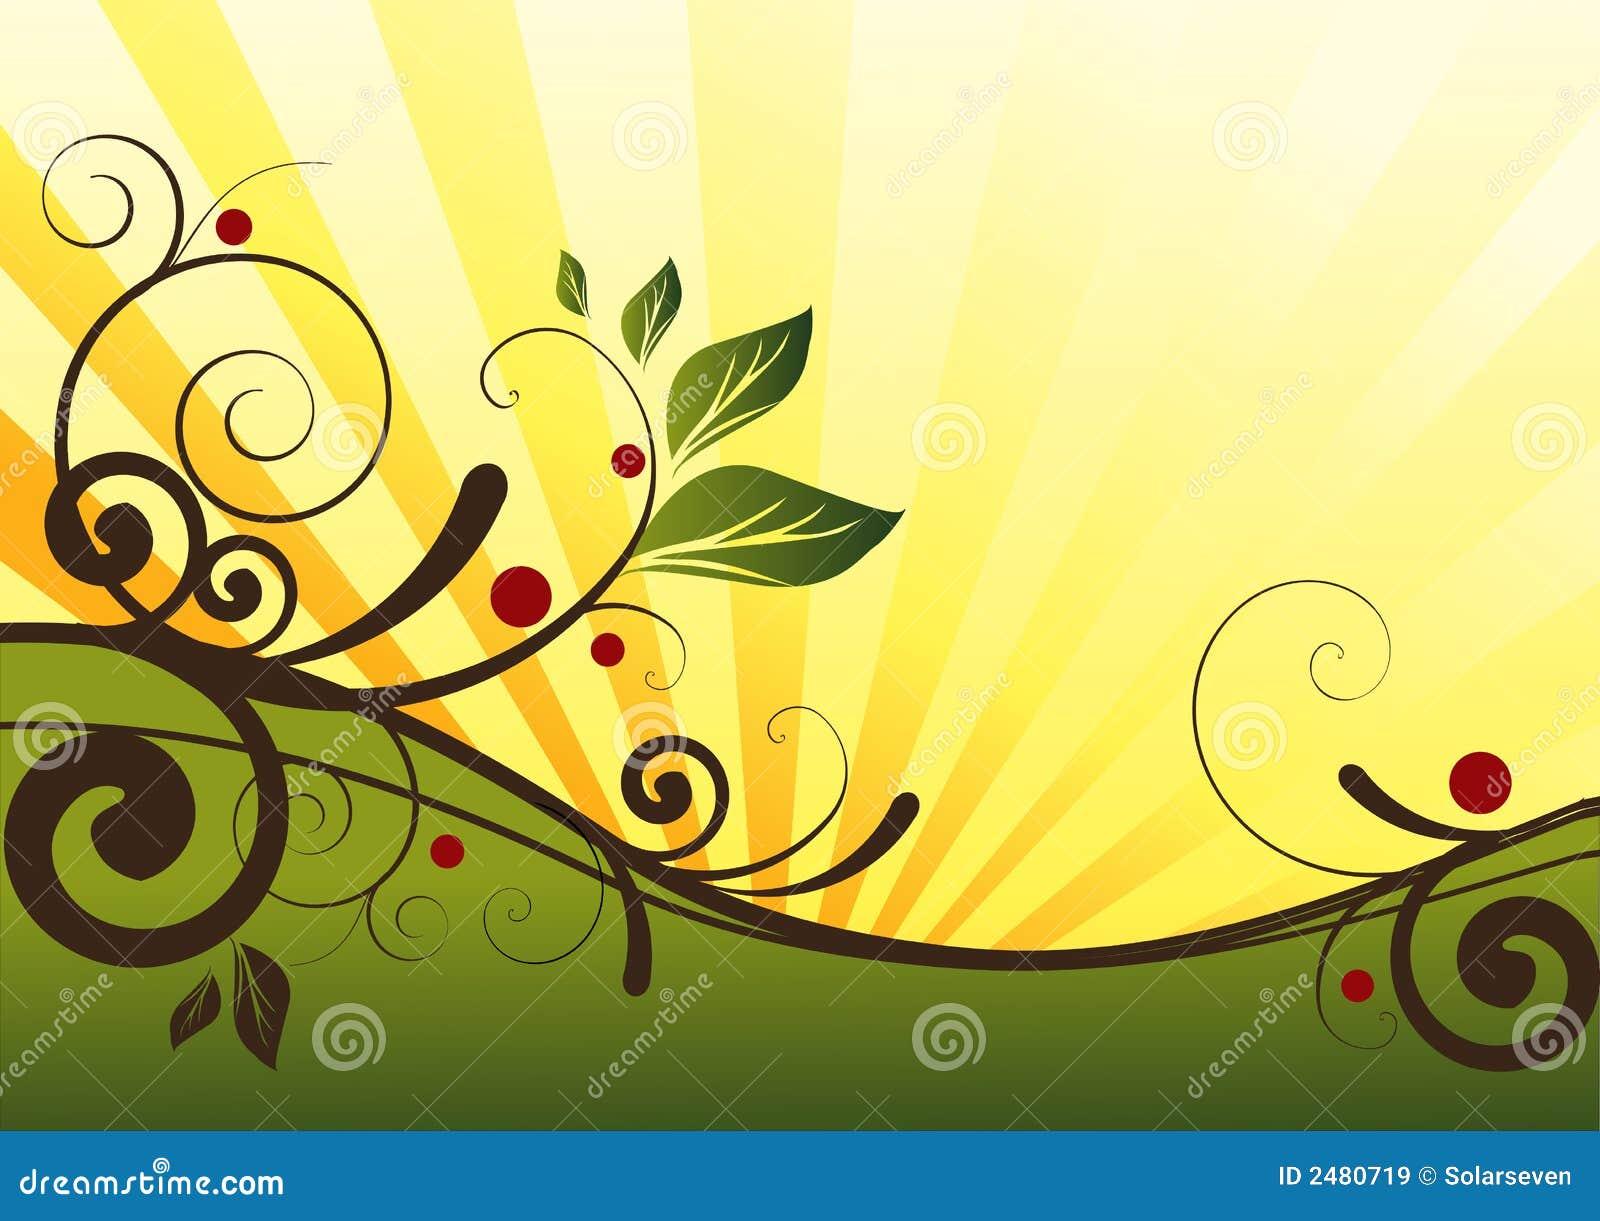 natural floral design stock illustration illustration of